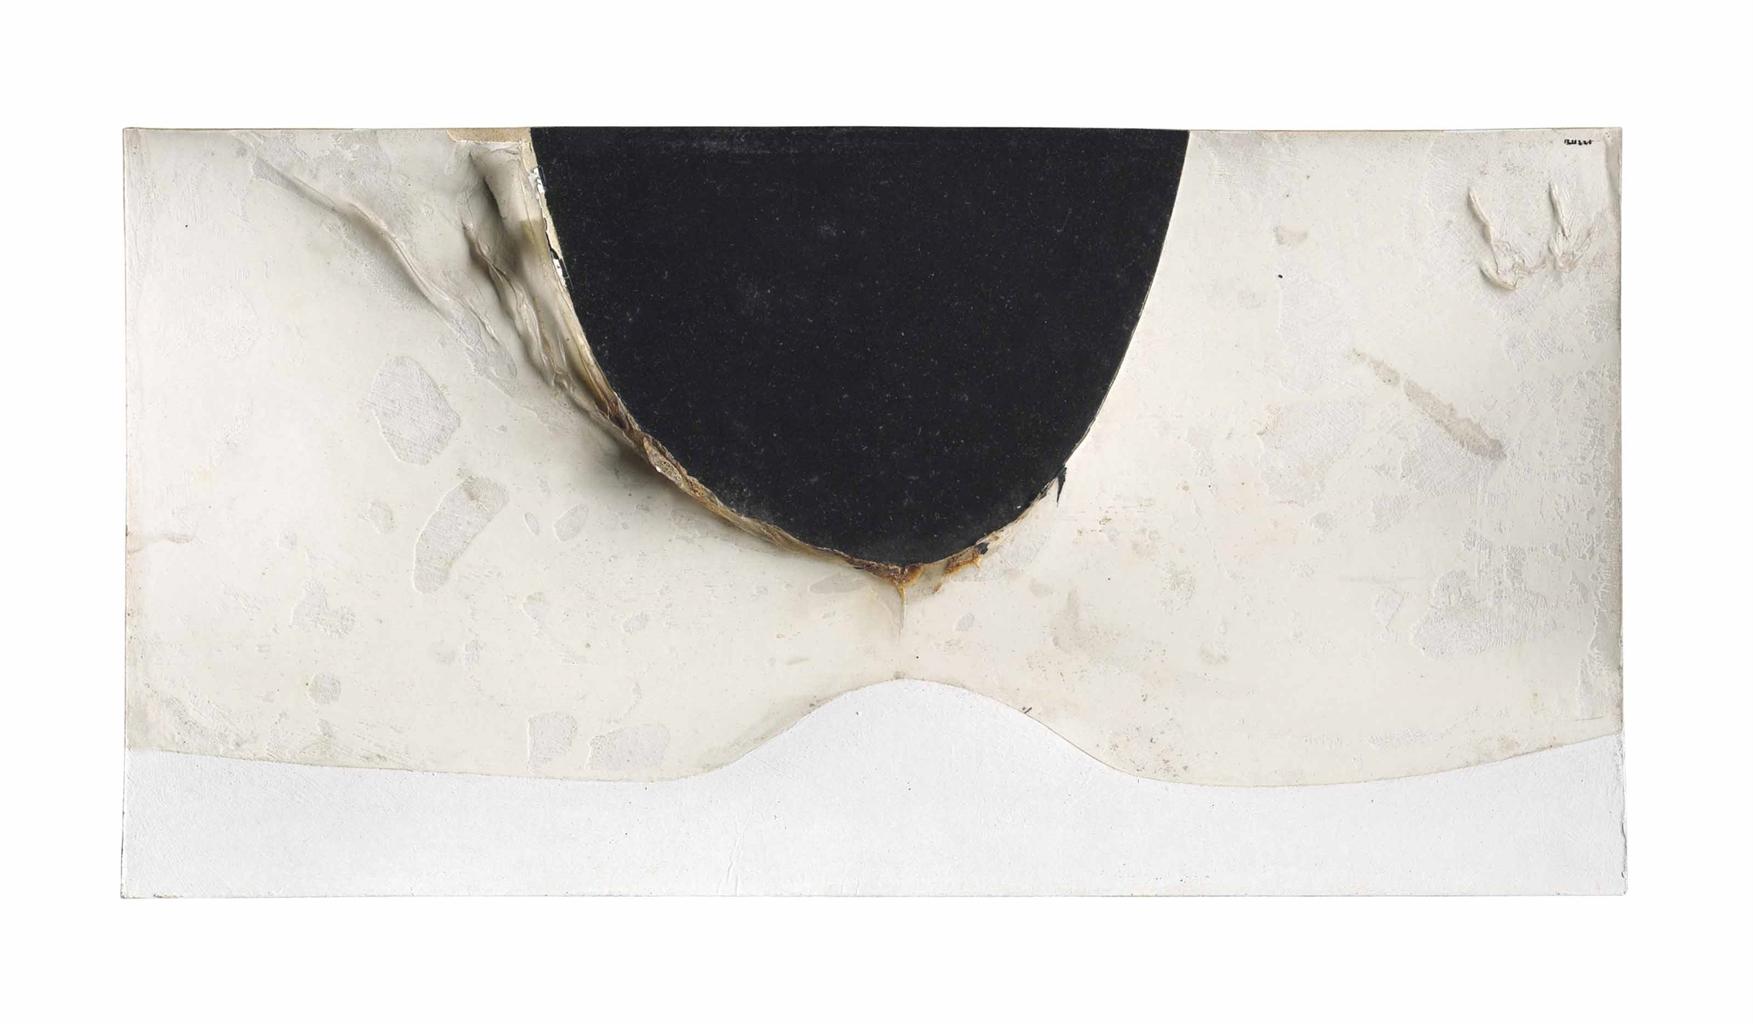 Alberto Burri-Combustione (Combustion)-1966